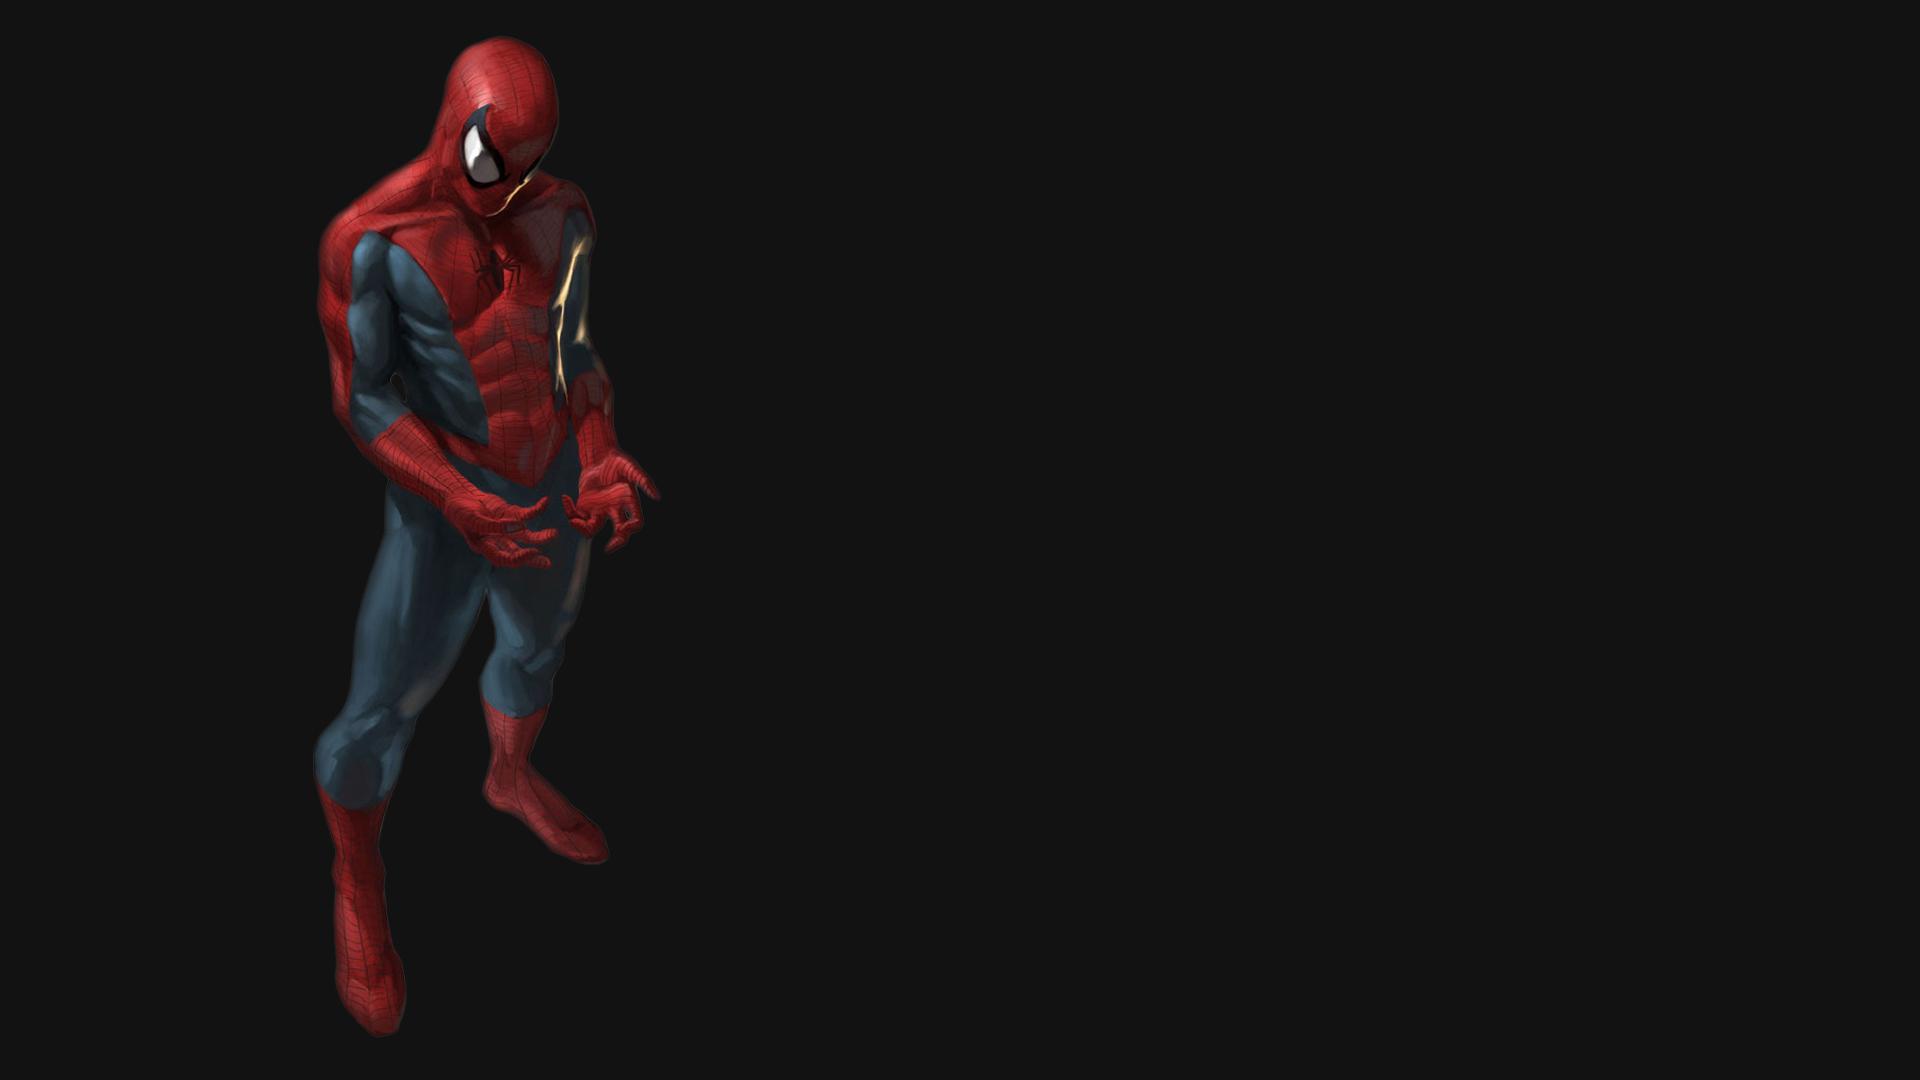 Spider man Black Wallpaper 1920x1080 Spiderman Black Background 1920x1080